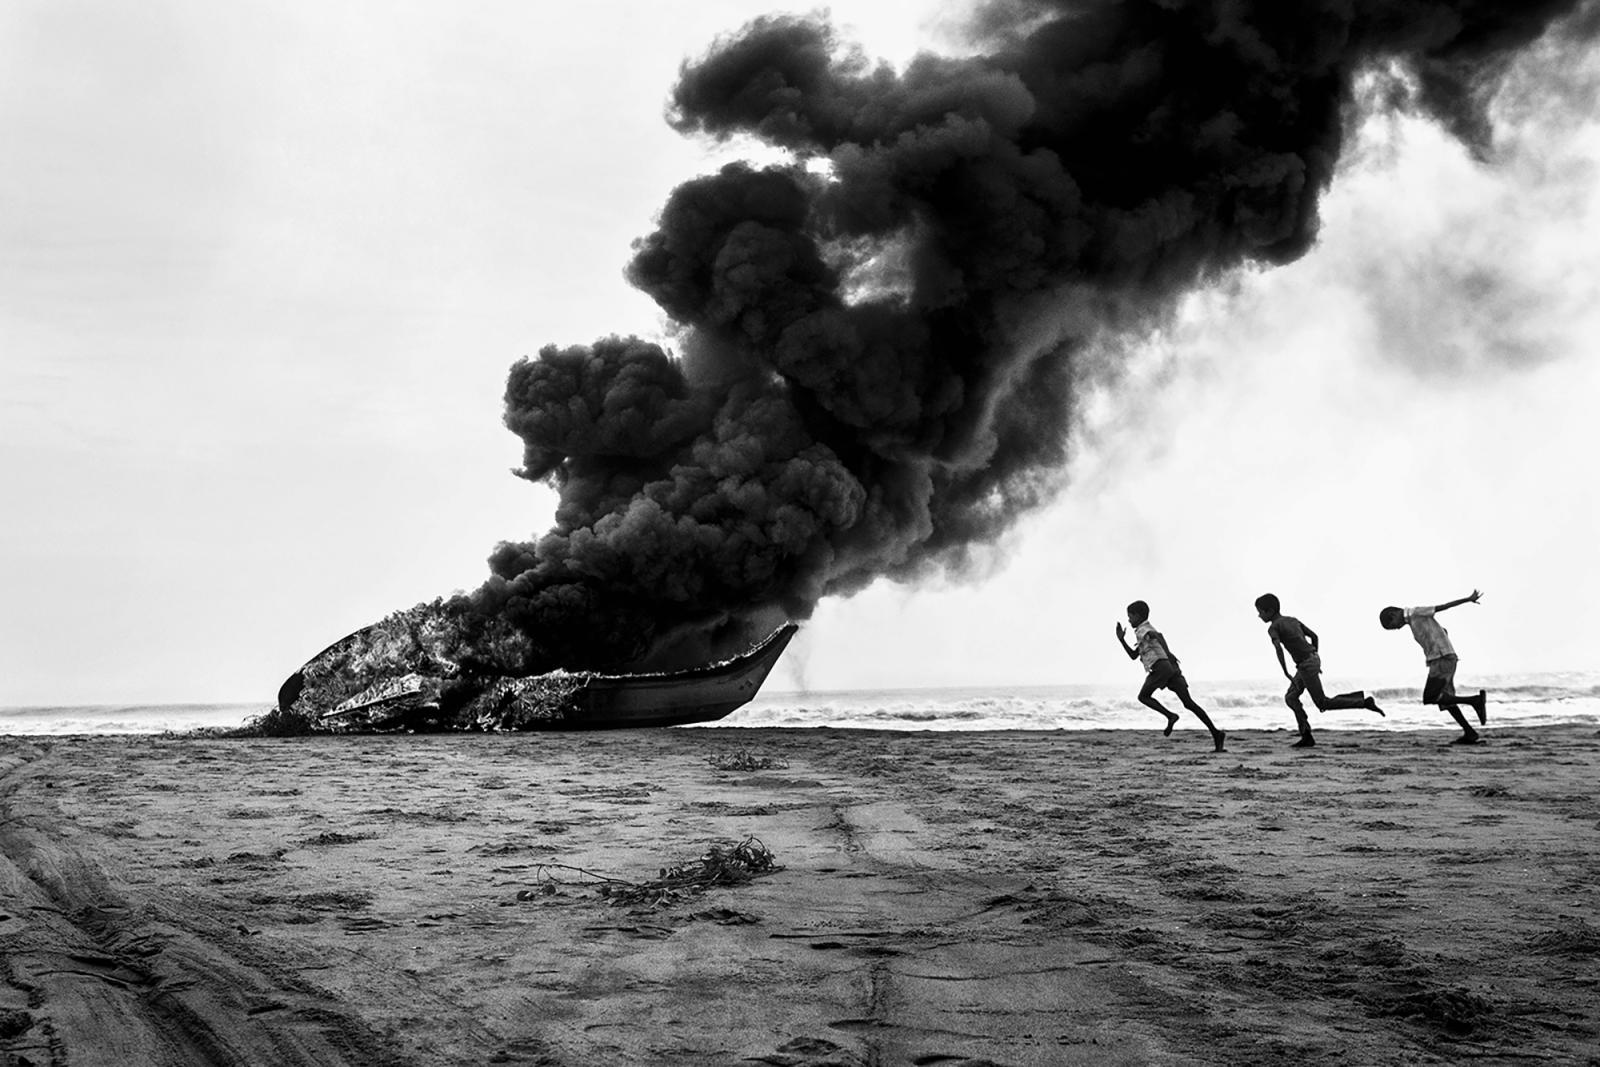 Photography image - Loading Fired_Boat__mouhamed_moustapha___photographer_pondicherry__mousty_photos__seashore_pondicherry.jpg